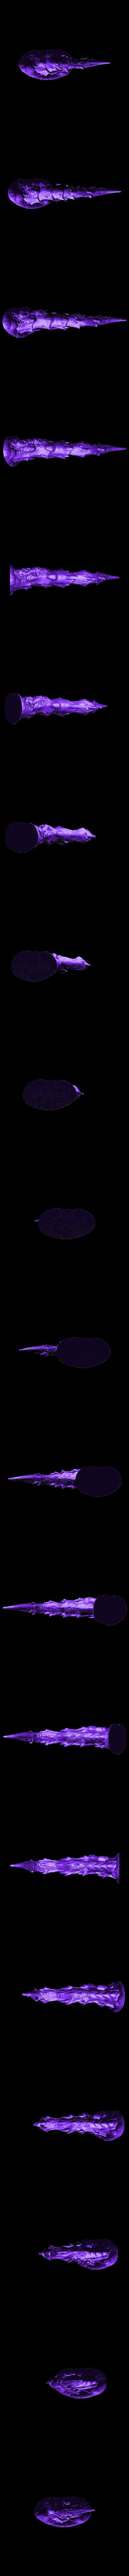 12 2E.stl Télécharger fichier STL gratuit Tyty bug party terrain remix Part 1 Free 3D print model • Modèle pour imprimante 3D, Alario